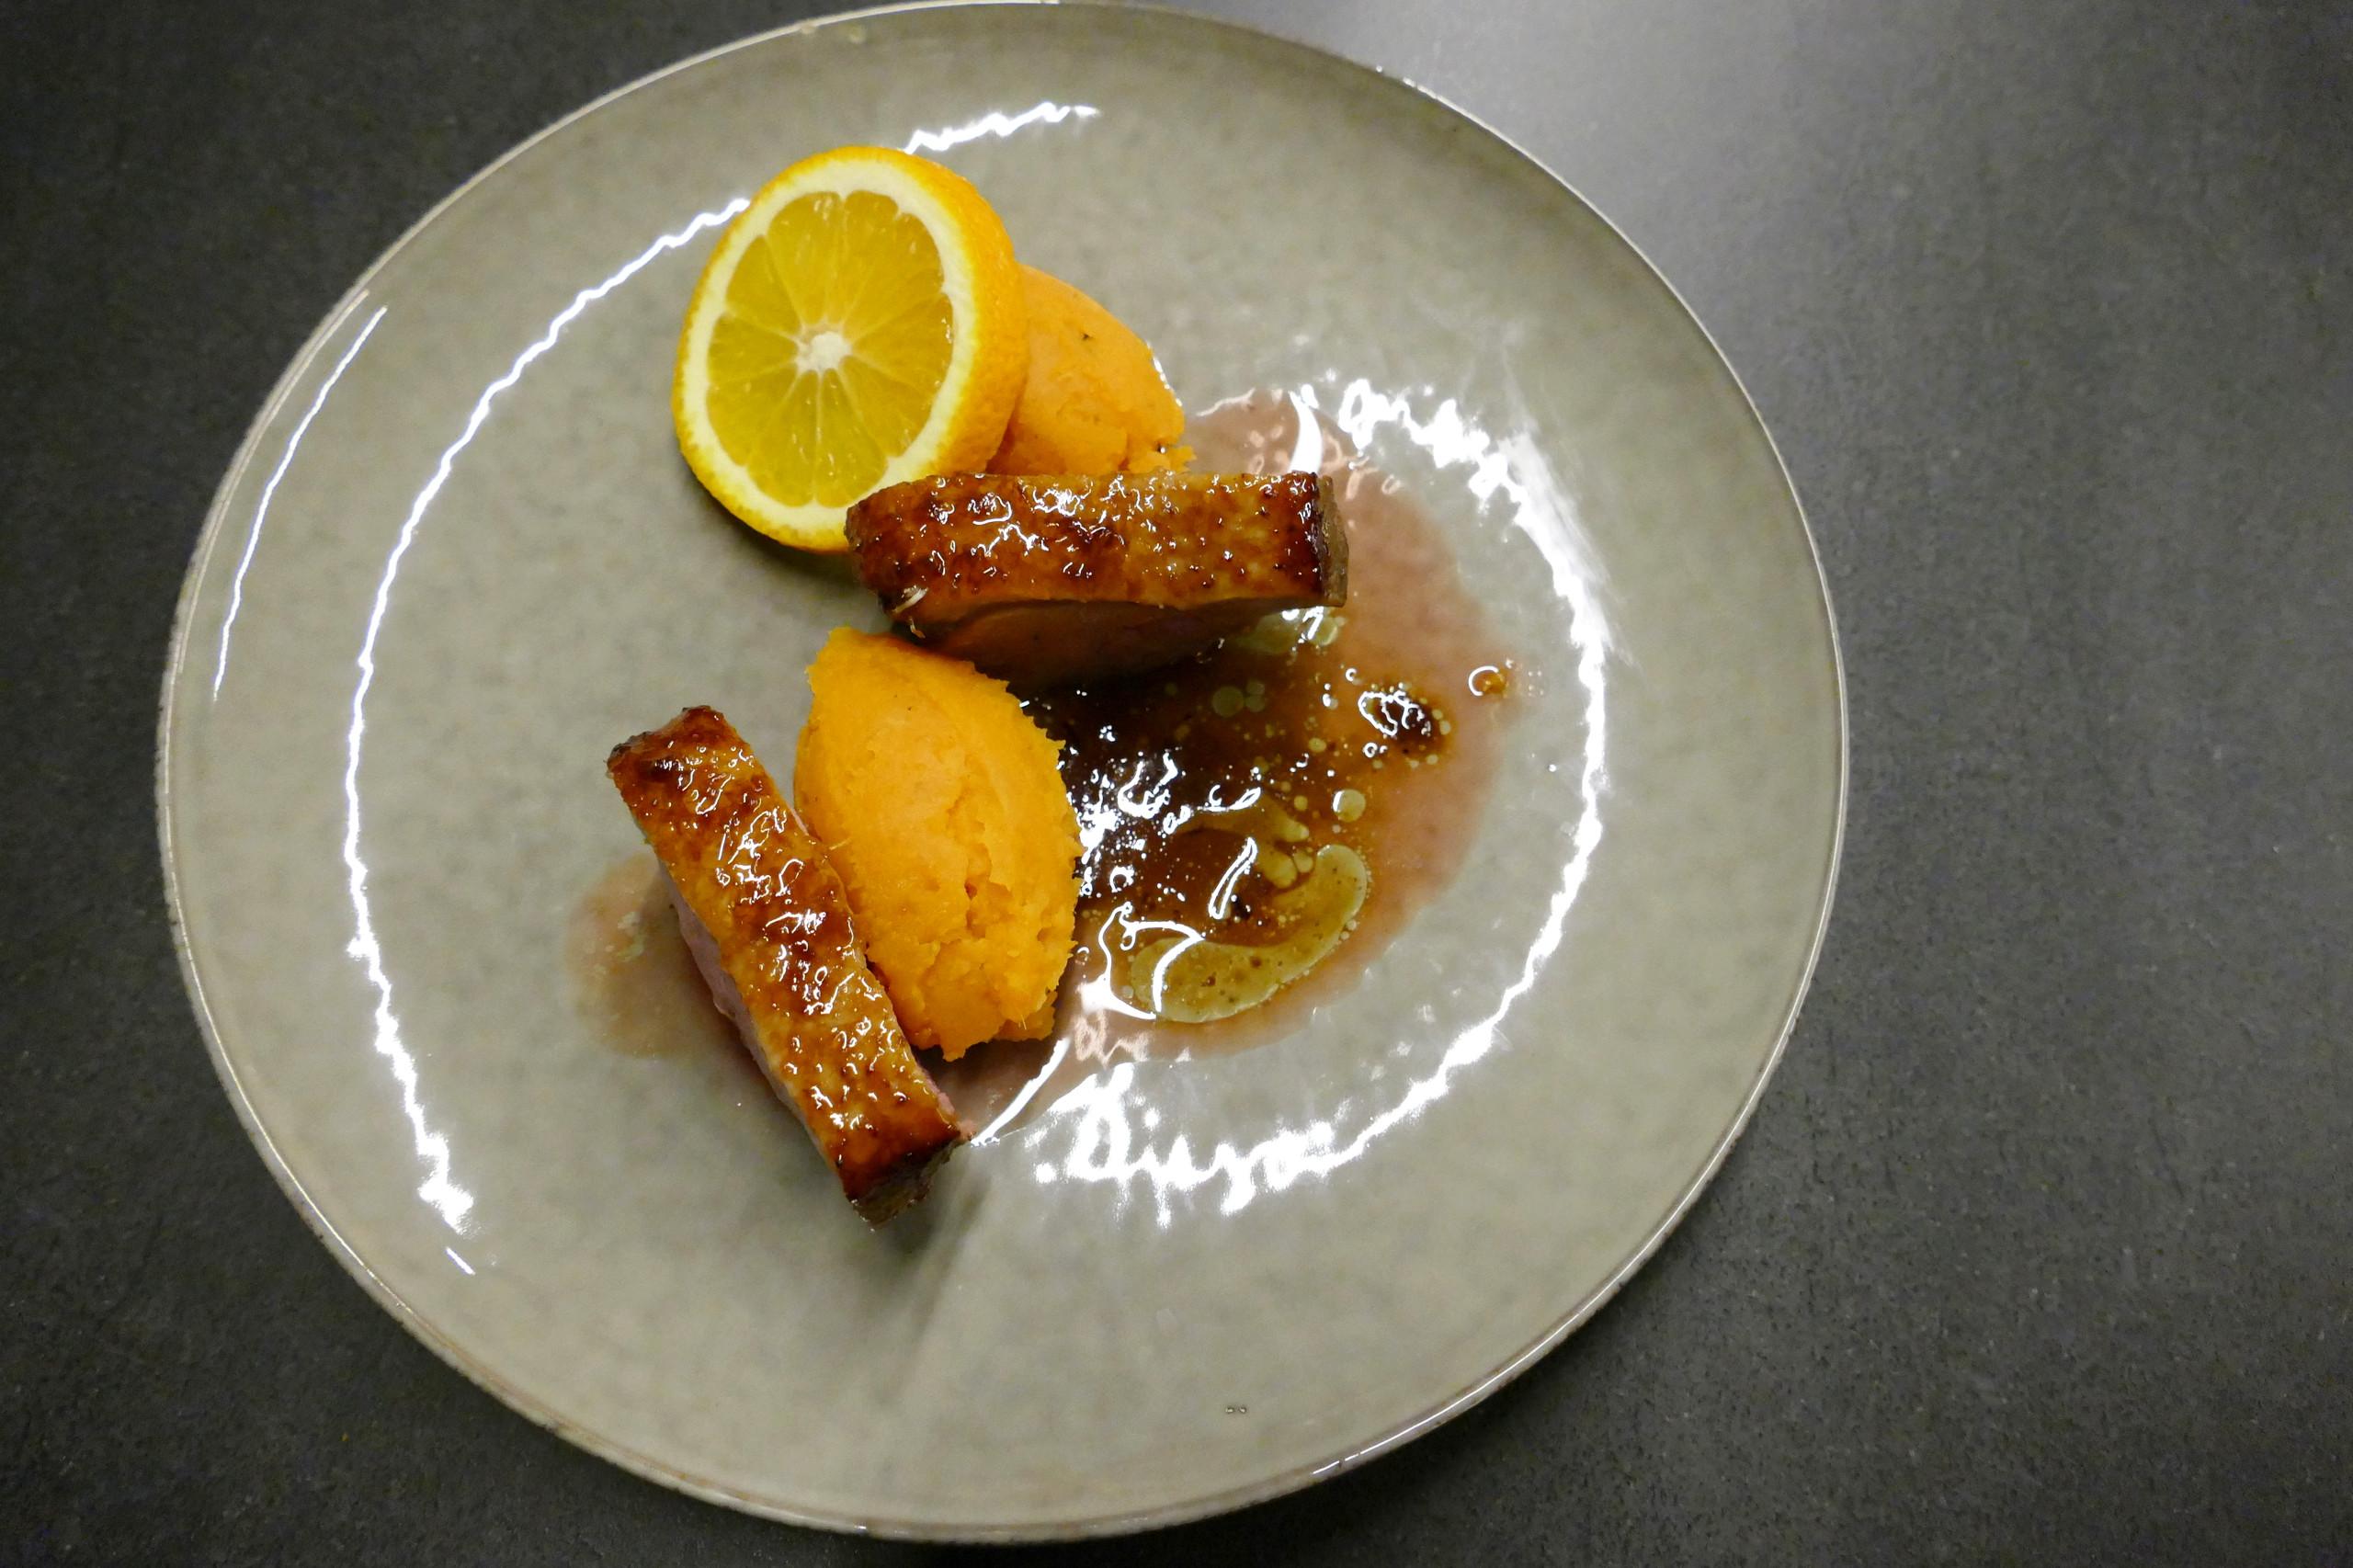 Gelakte eend met zoete aardappelpuree